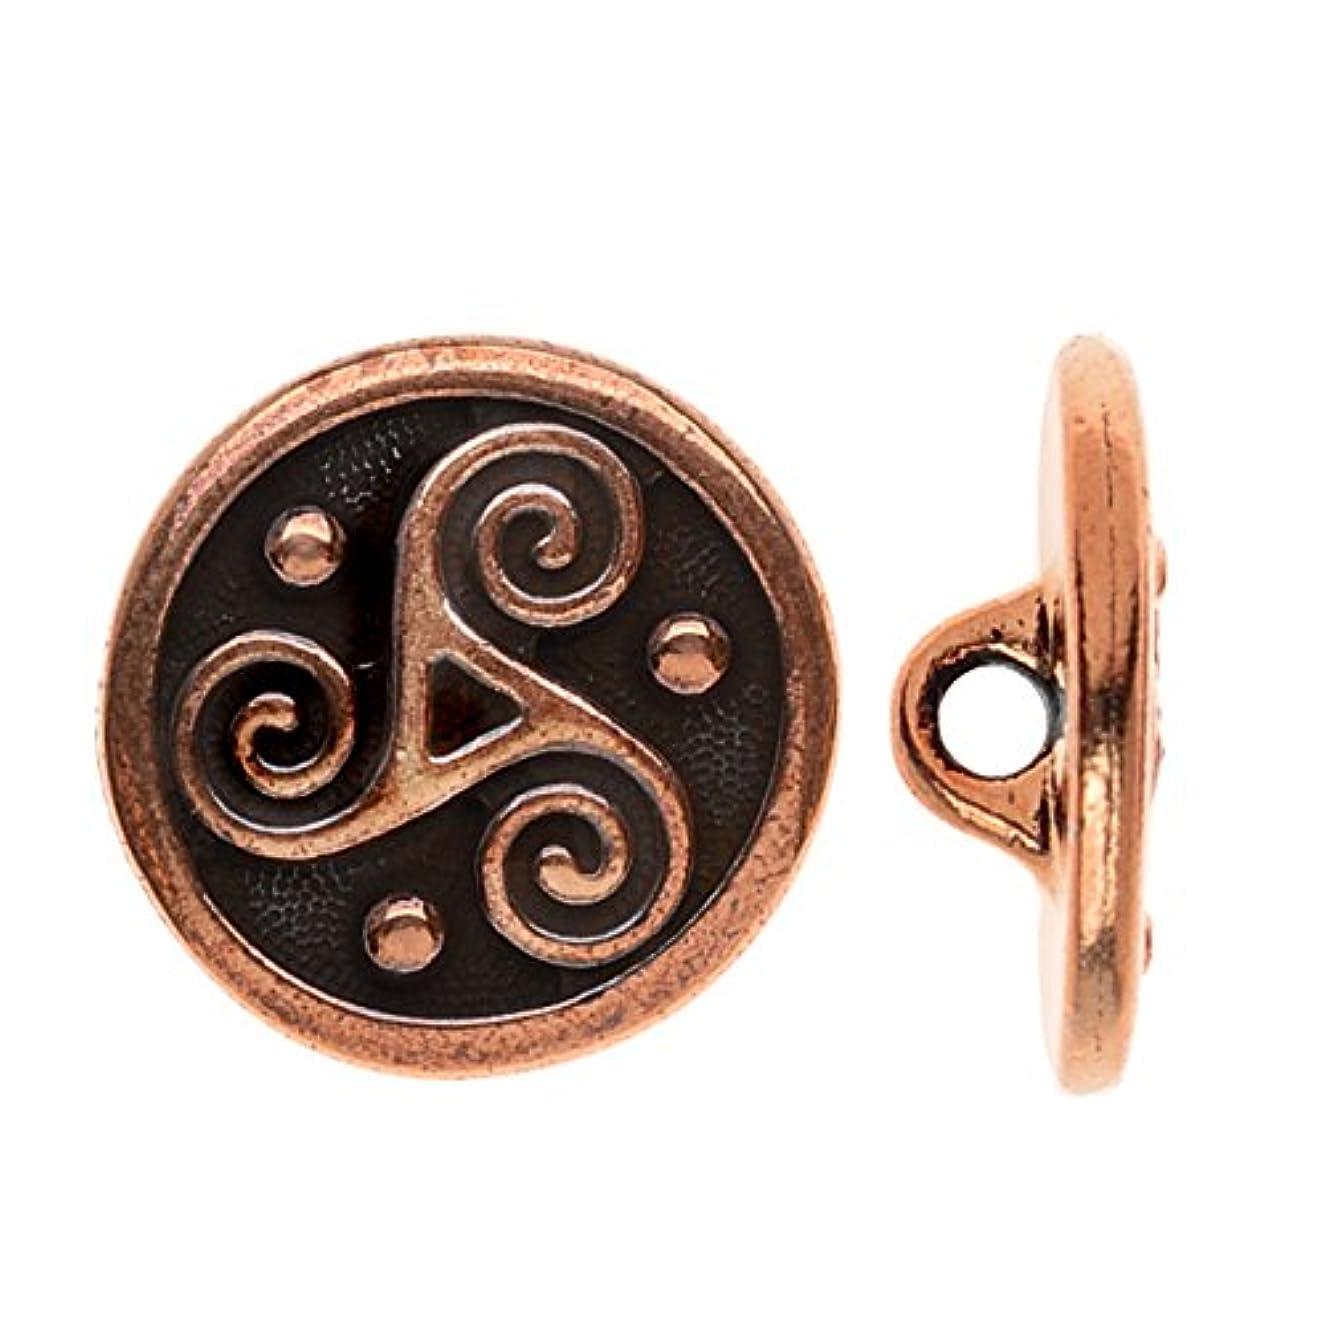 TierraCast 94-6566-18 Button Triskle, 16mm, Antique Copper